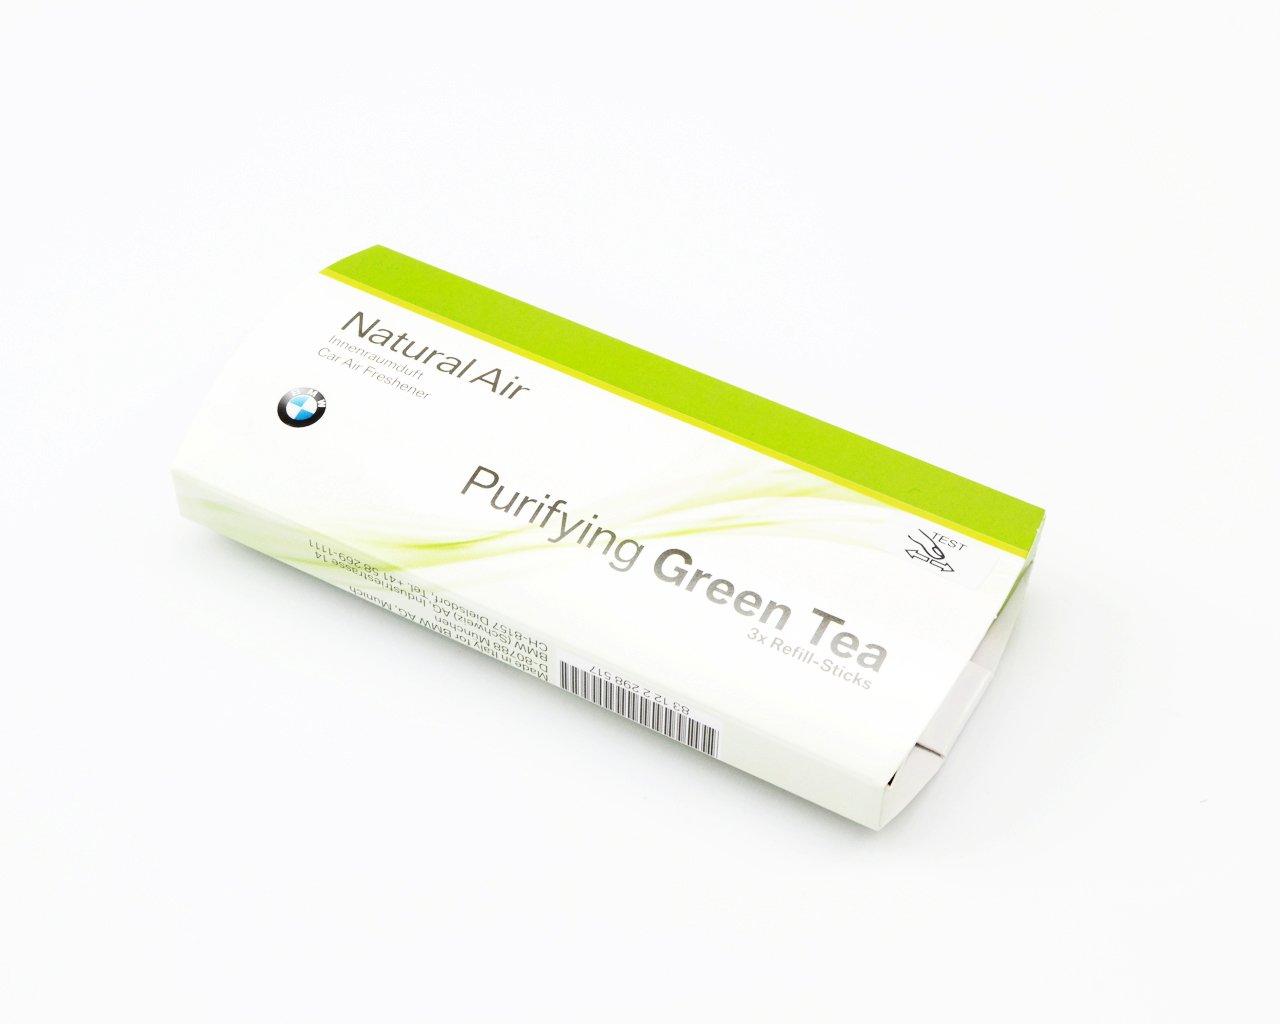 BMW Natural Air car air freshener - Refill Kit Green Tea